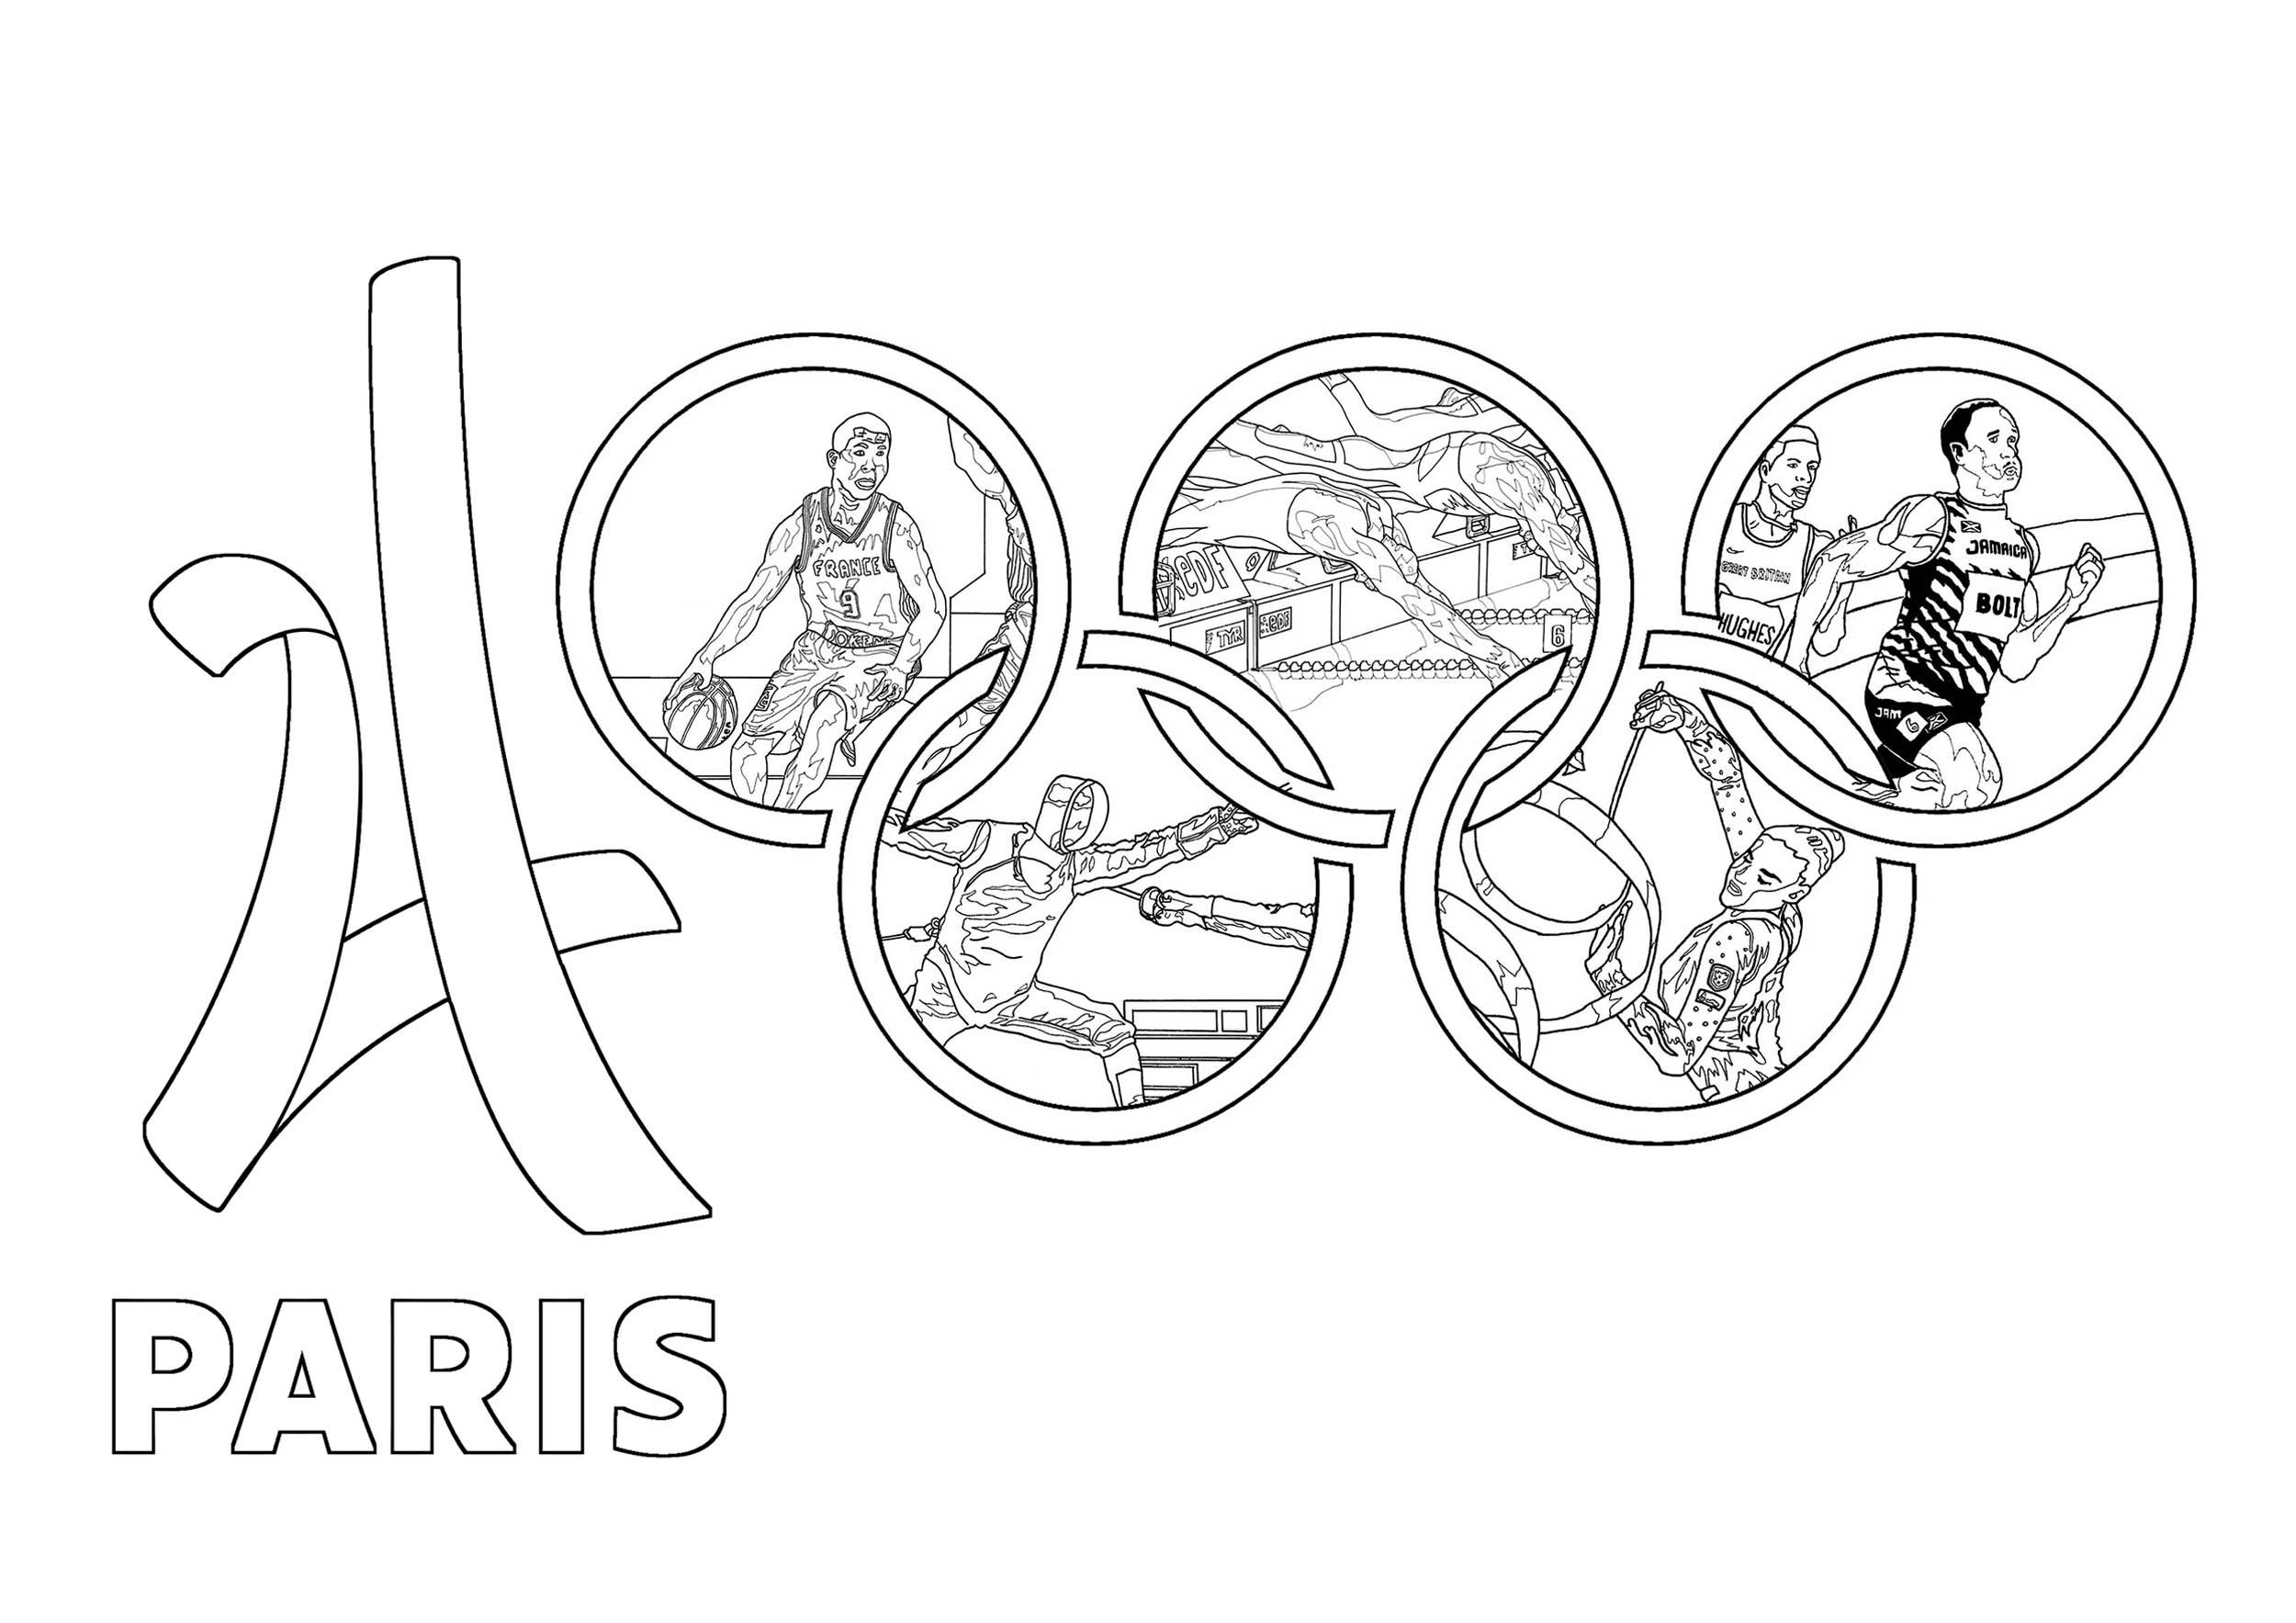 Jeux Olympiques - Sport / Jeux Olympiques - Coloriages encequiconcerne Jeux Gratuits À Imprimer Pour Adultes